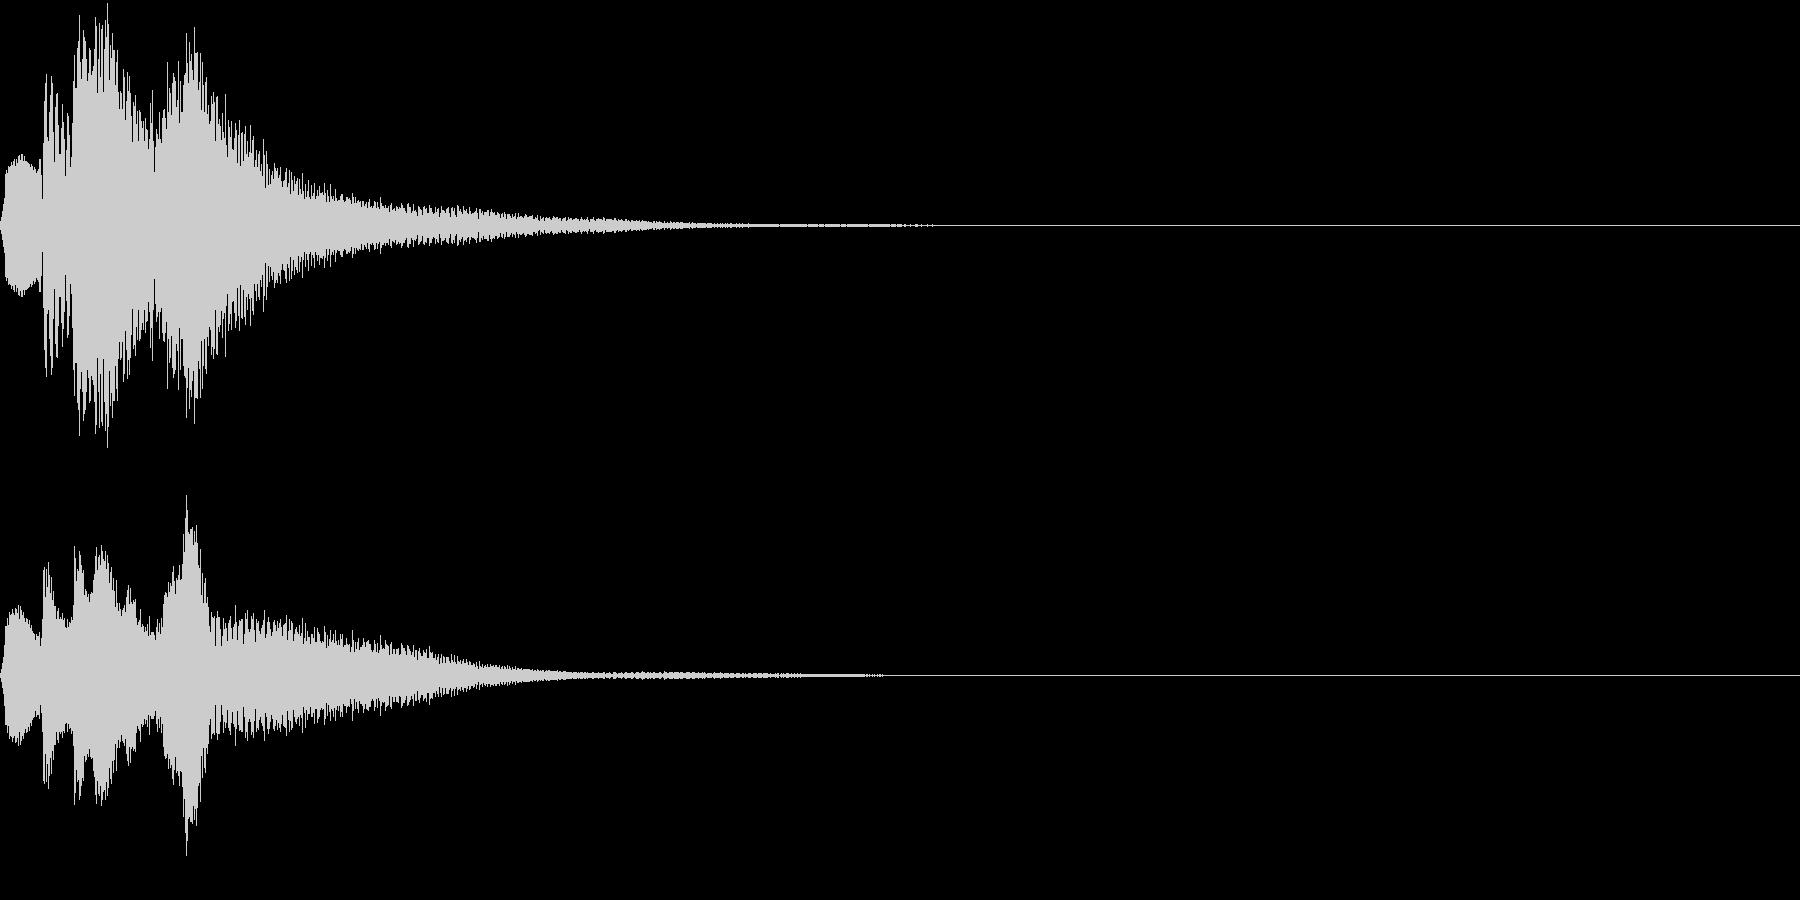 理科 化学 実験 変化 不思議 08の未再生の波形